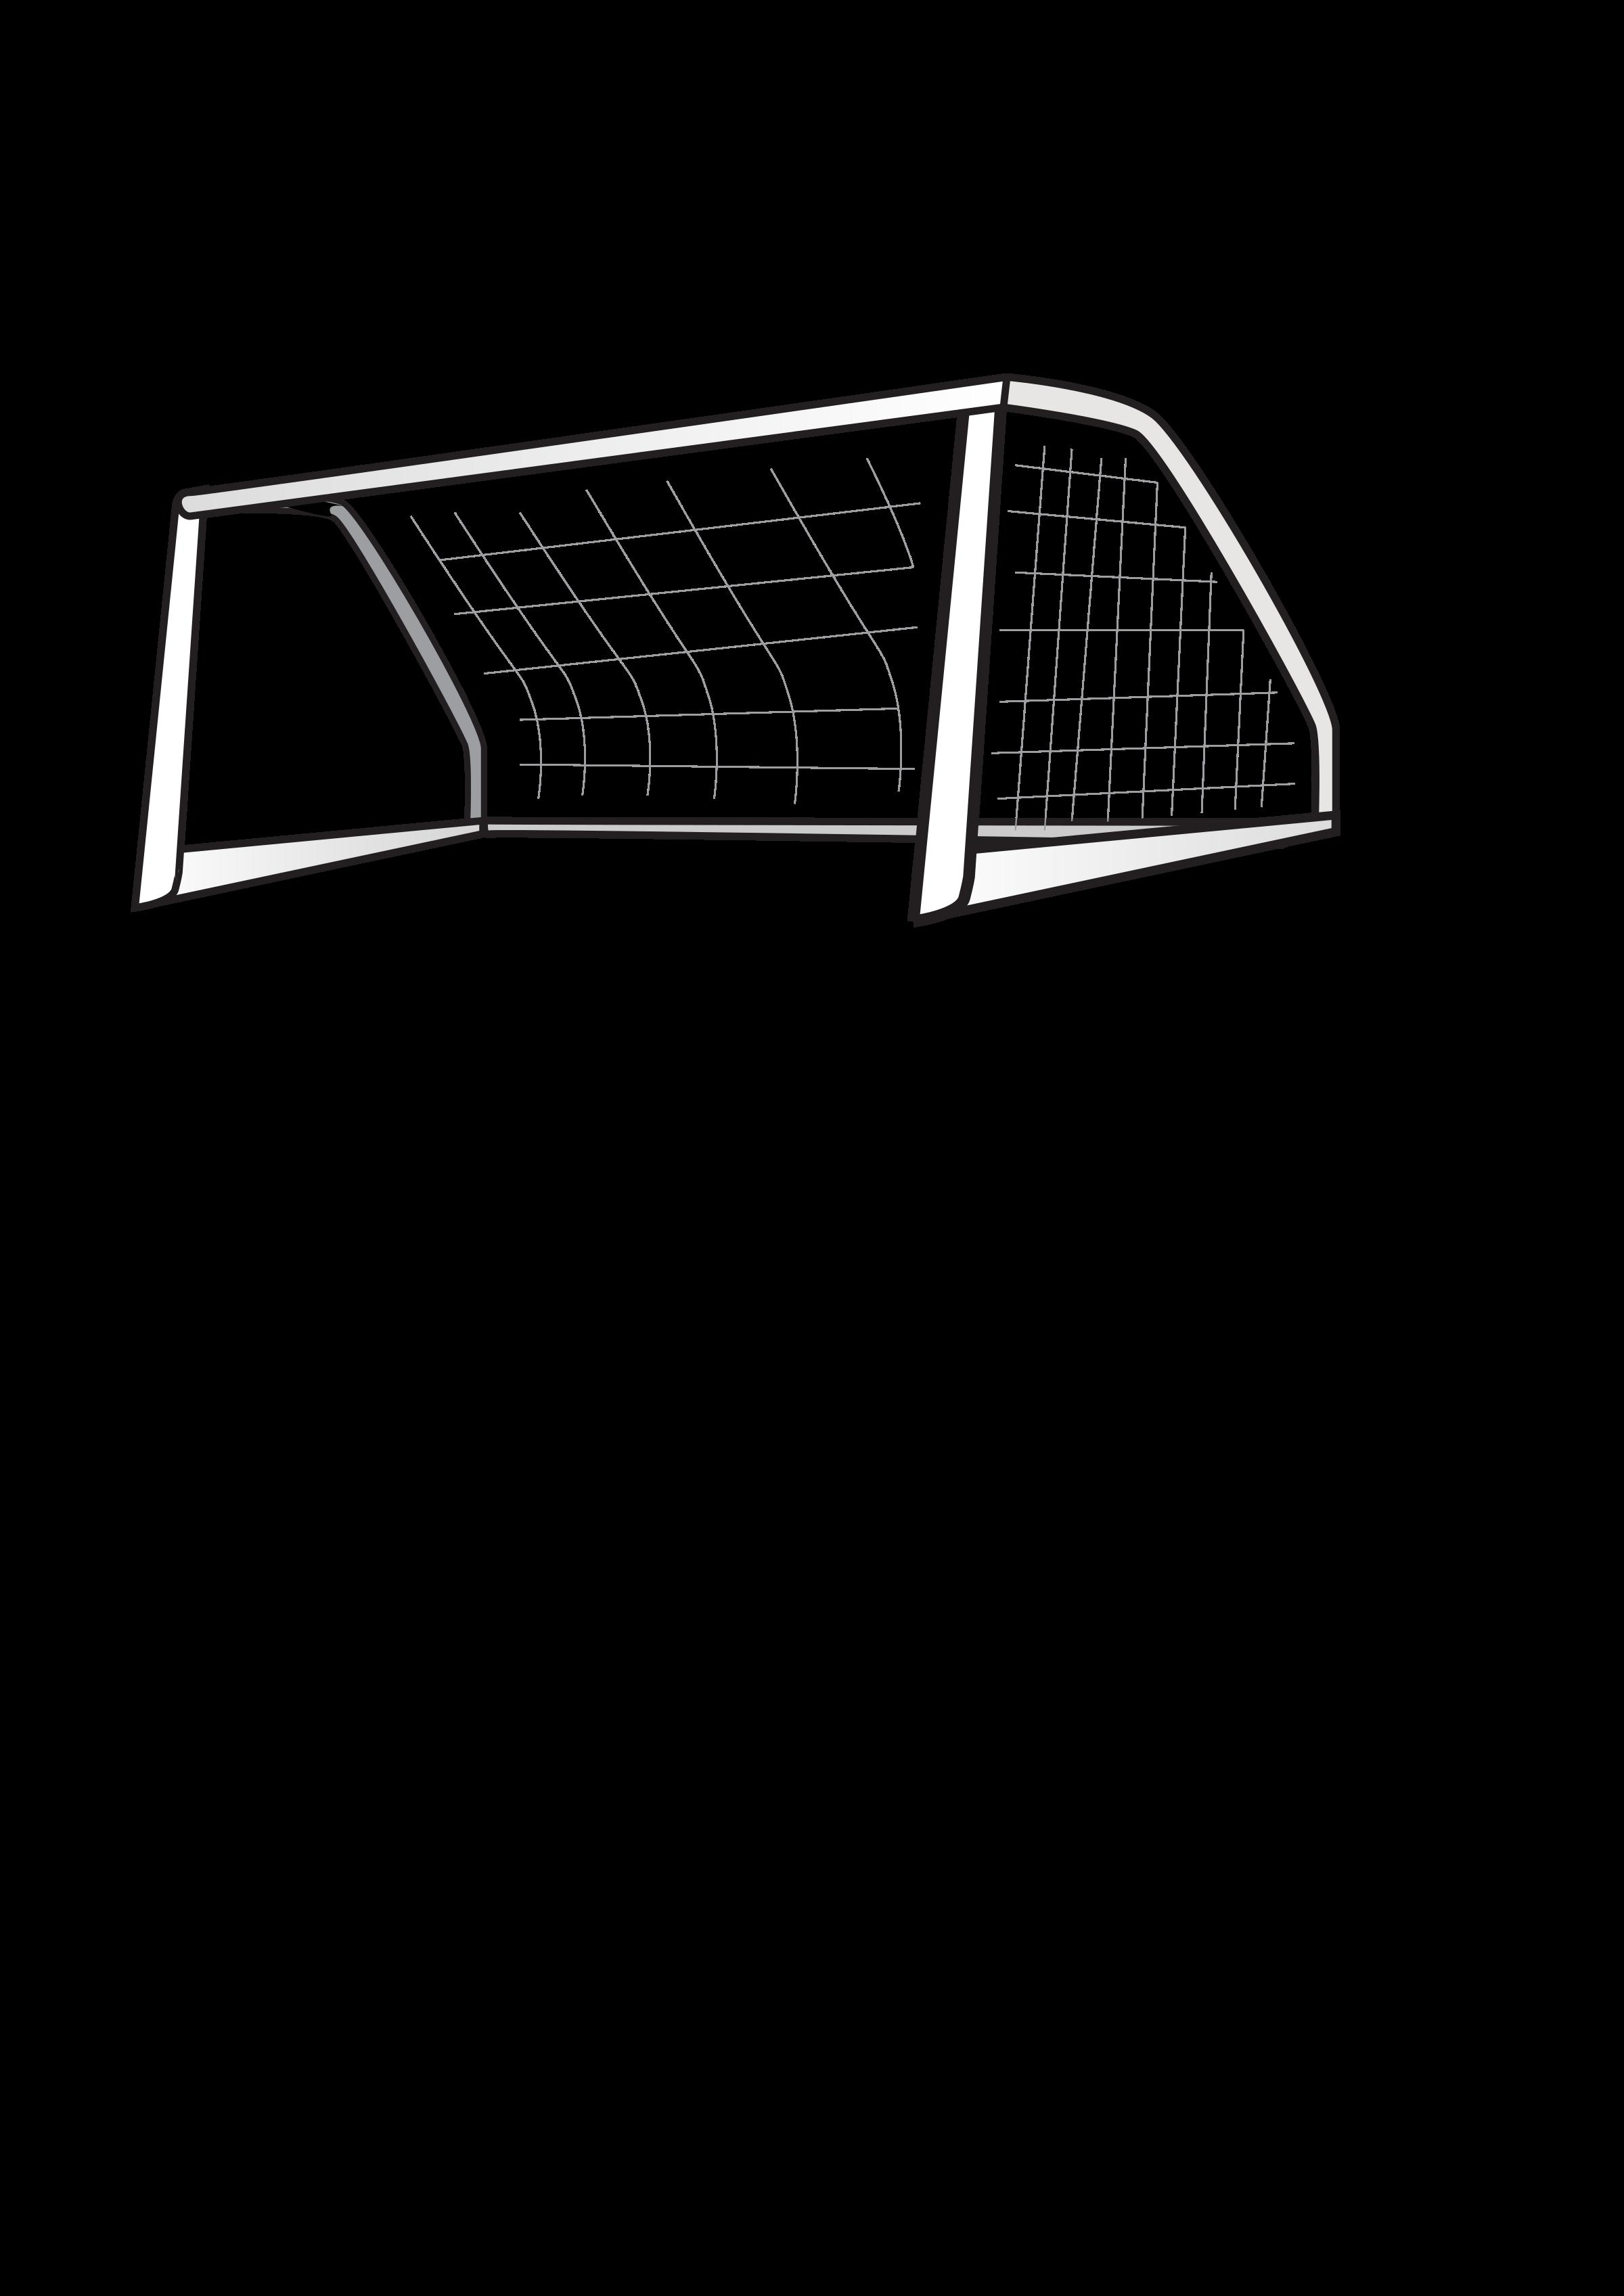 Goals clipart medium. Soccer goal big image